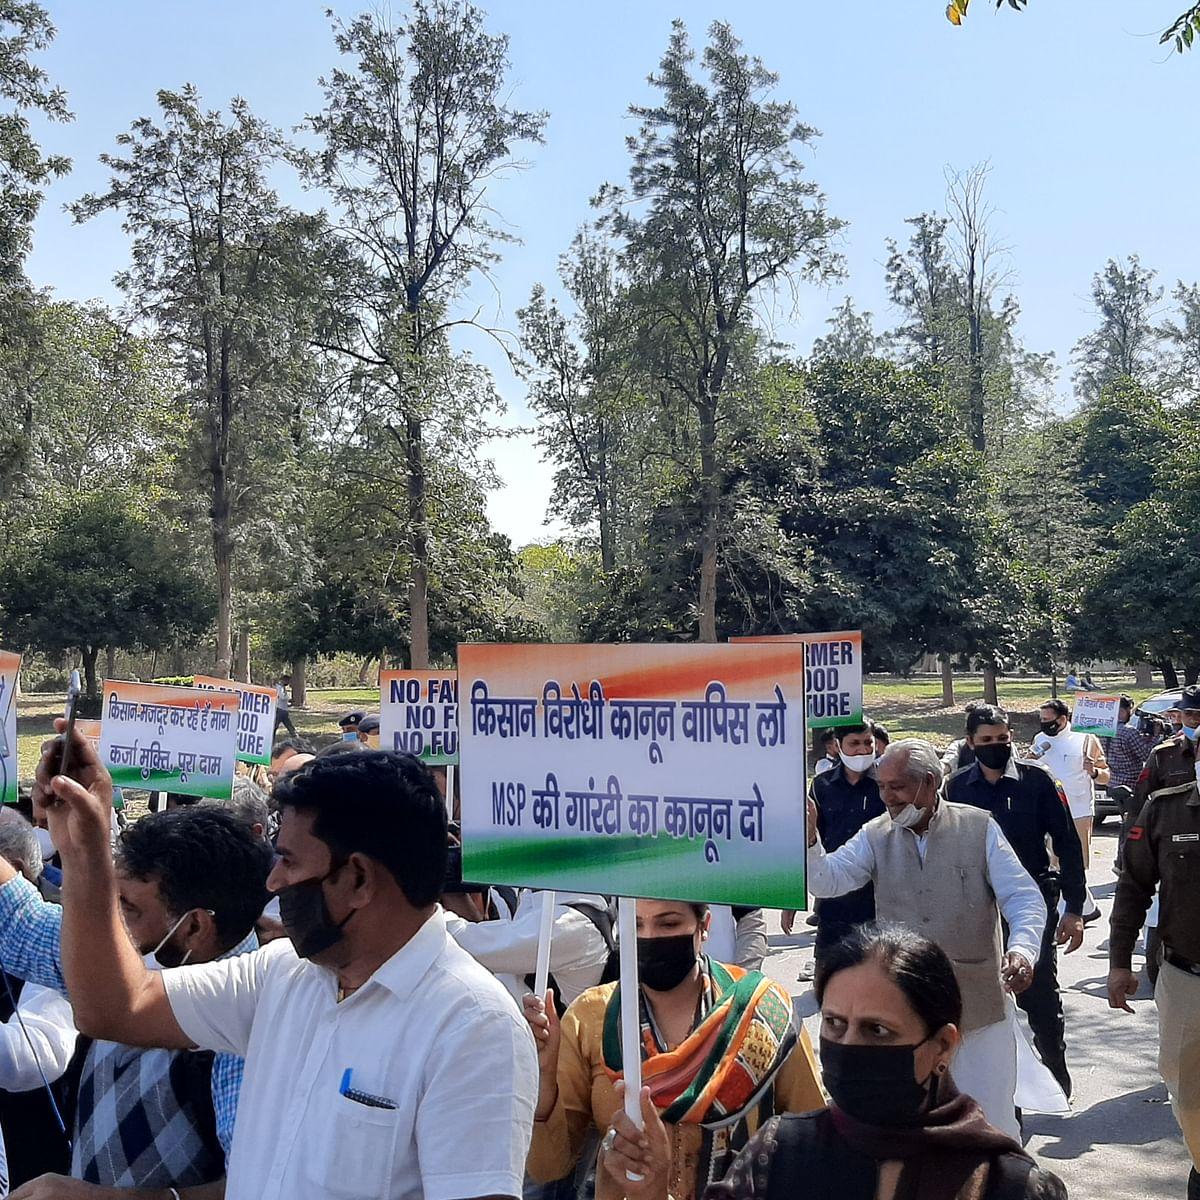 हरियाणा: बजट सत्र के पहले दिन जोरदार हंगामा, कार्यवाही सोमवार तक स्थगित, 10 मार्च को अविश्वास प्रस्ताव